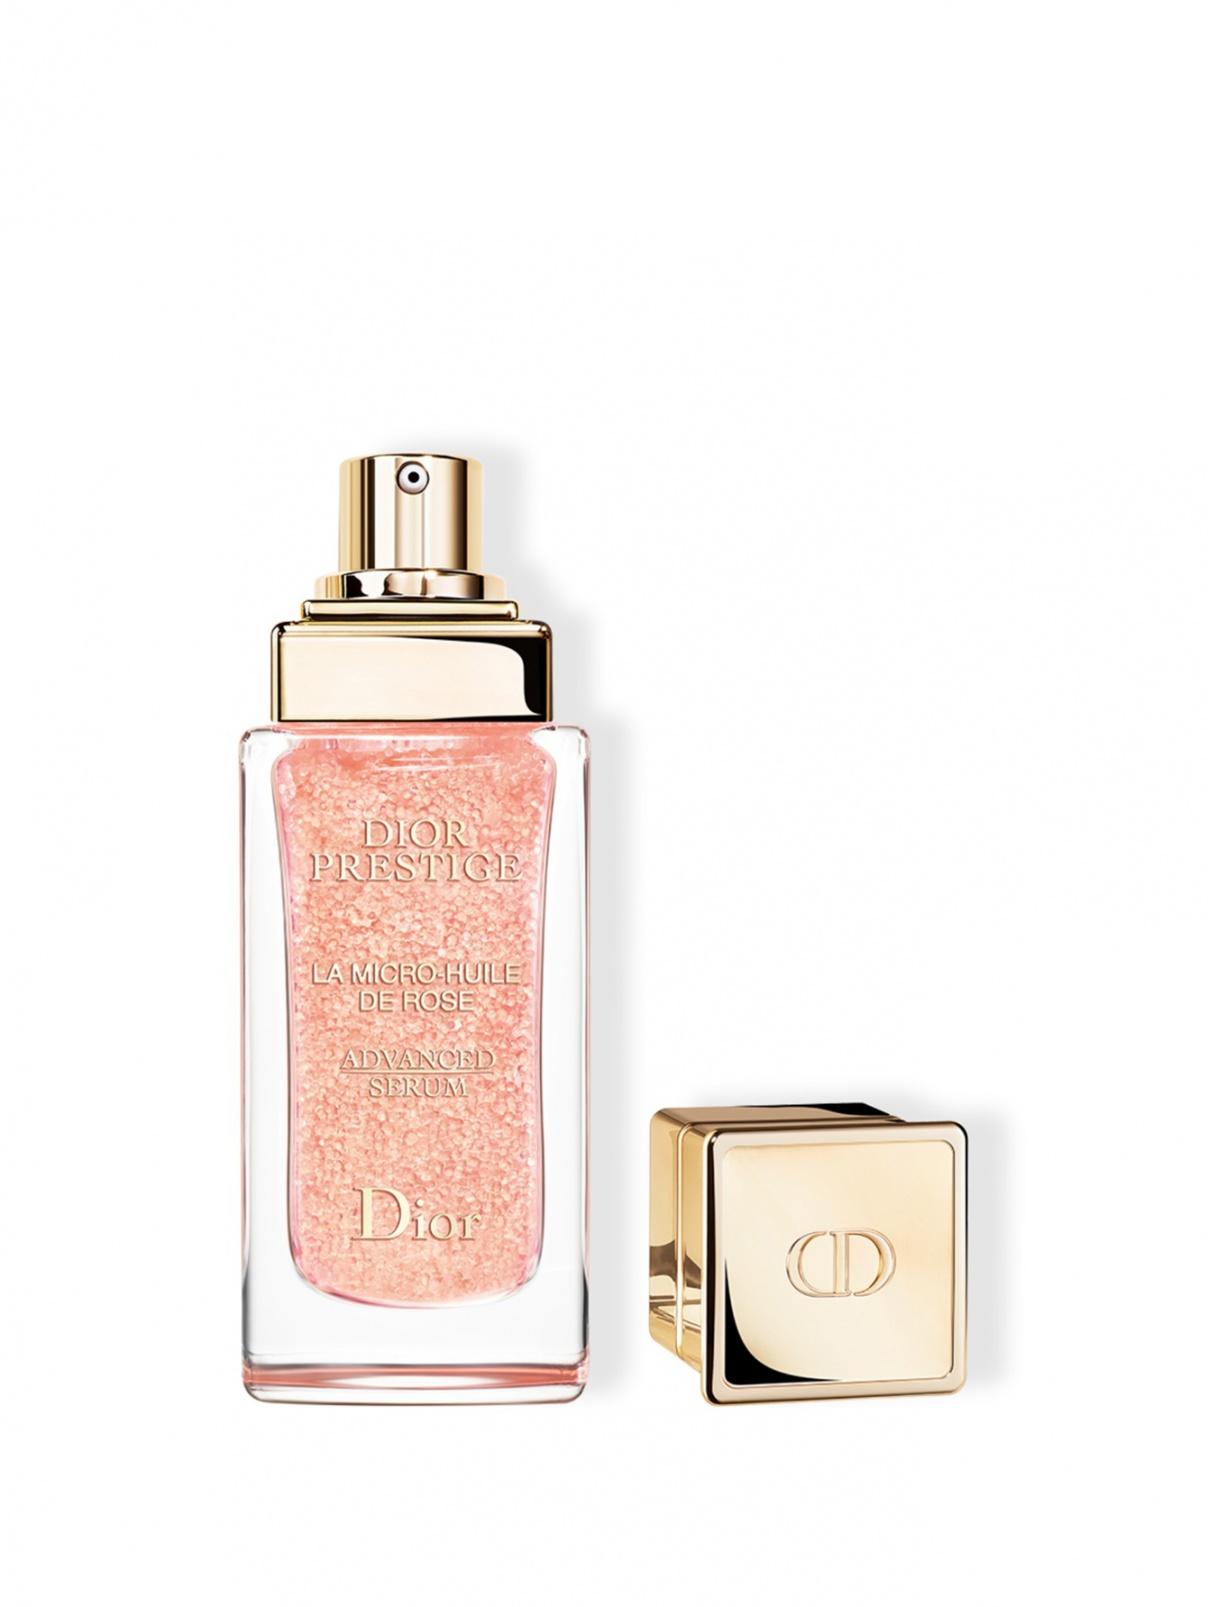 Dior Prestige La Micro Huile de Rose Advanced Serum Восстанавливающая микропитательная сыворотка для лица и шеи 30 мл Christian Dior  –  Общий вид